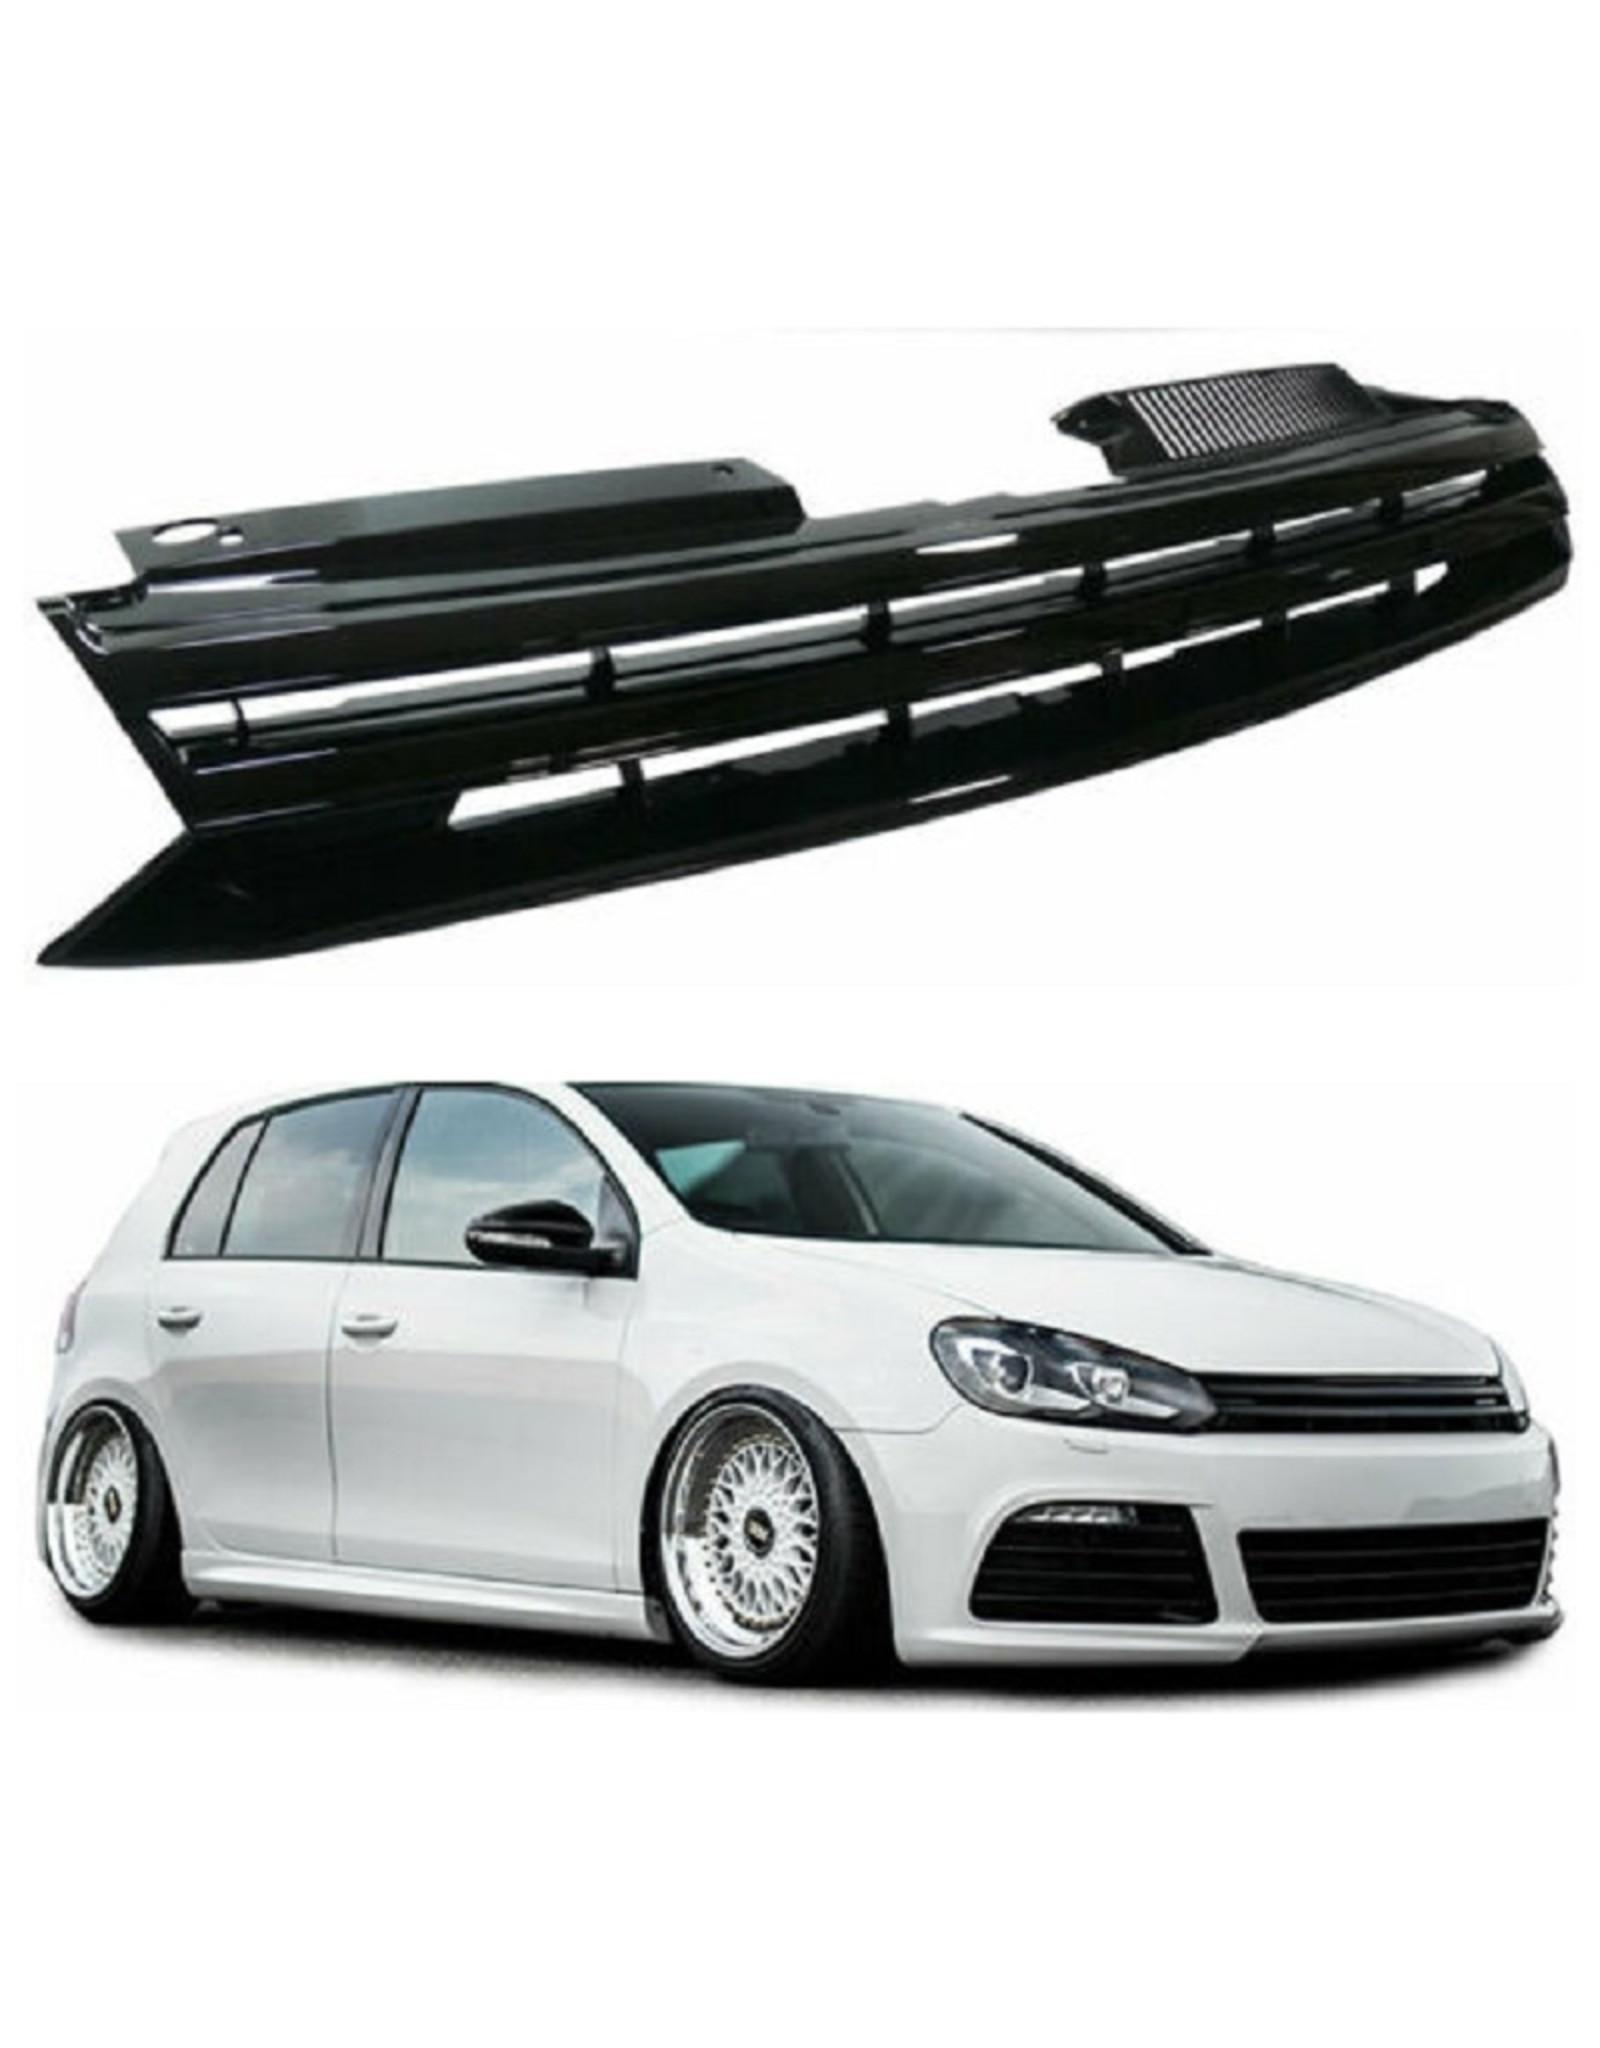 VW Golf 6 grille zonder embleem zwart